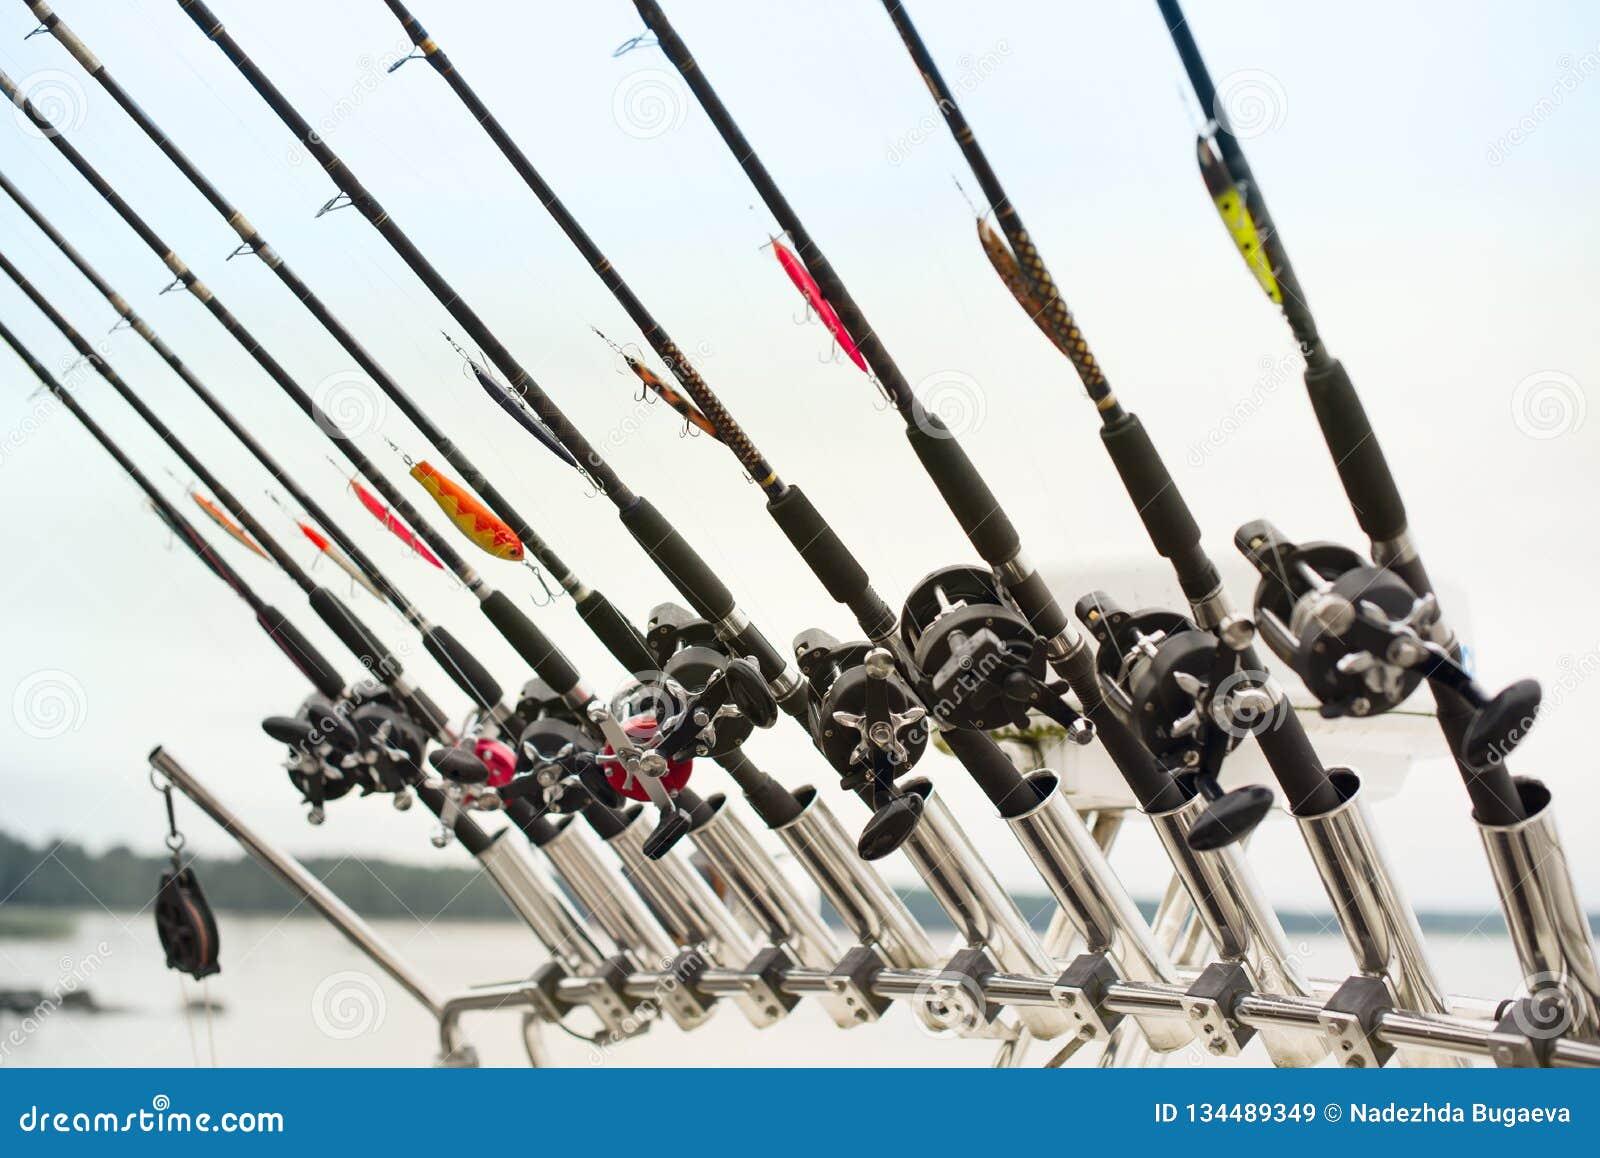 Fiska det fiska med drag i fartyget på en skogsjö, kopplade från natursemestern